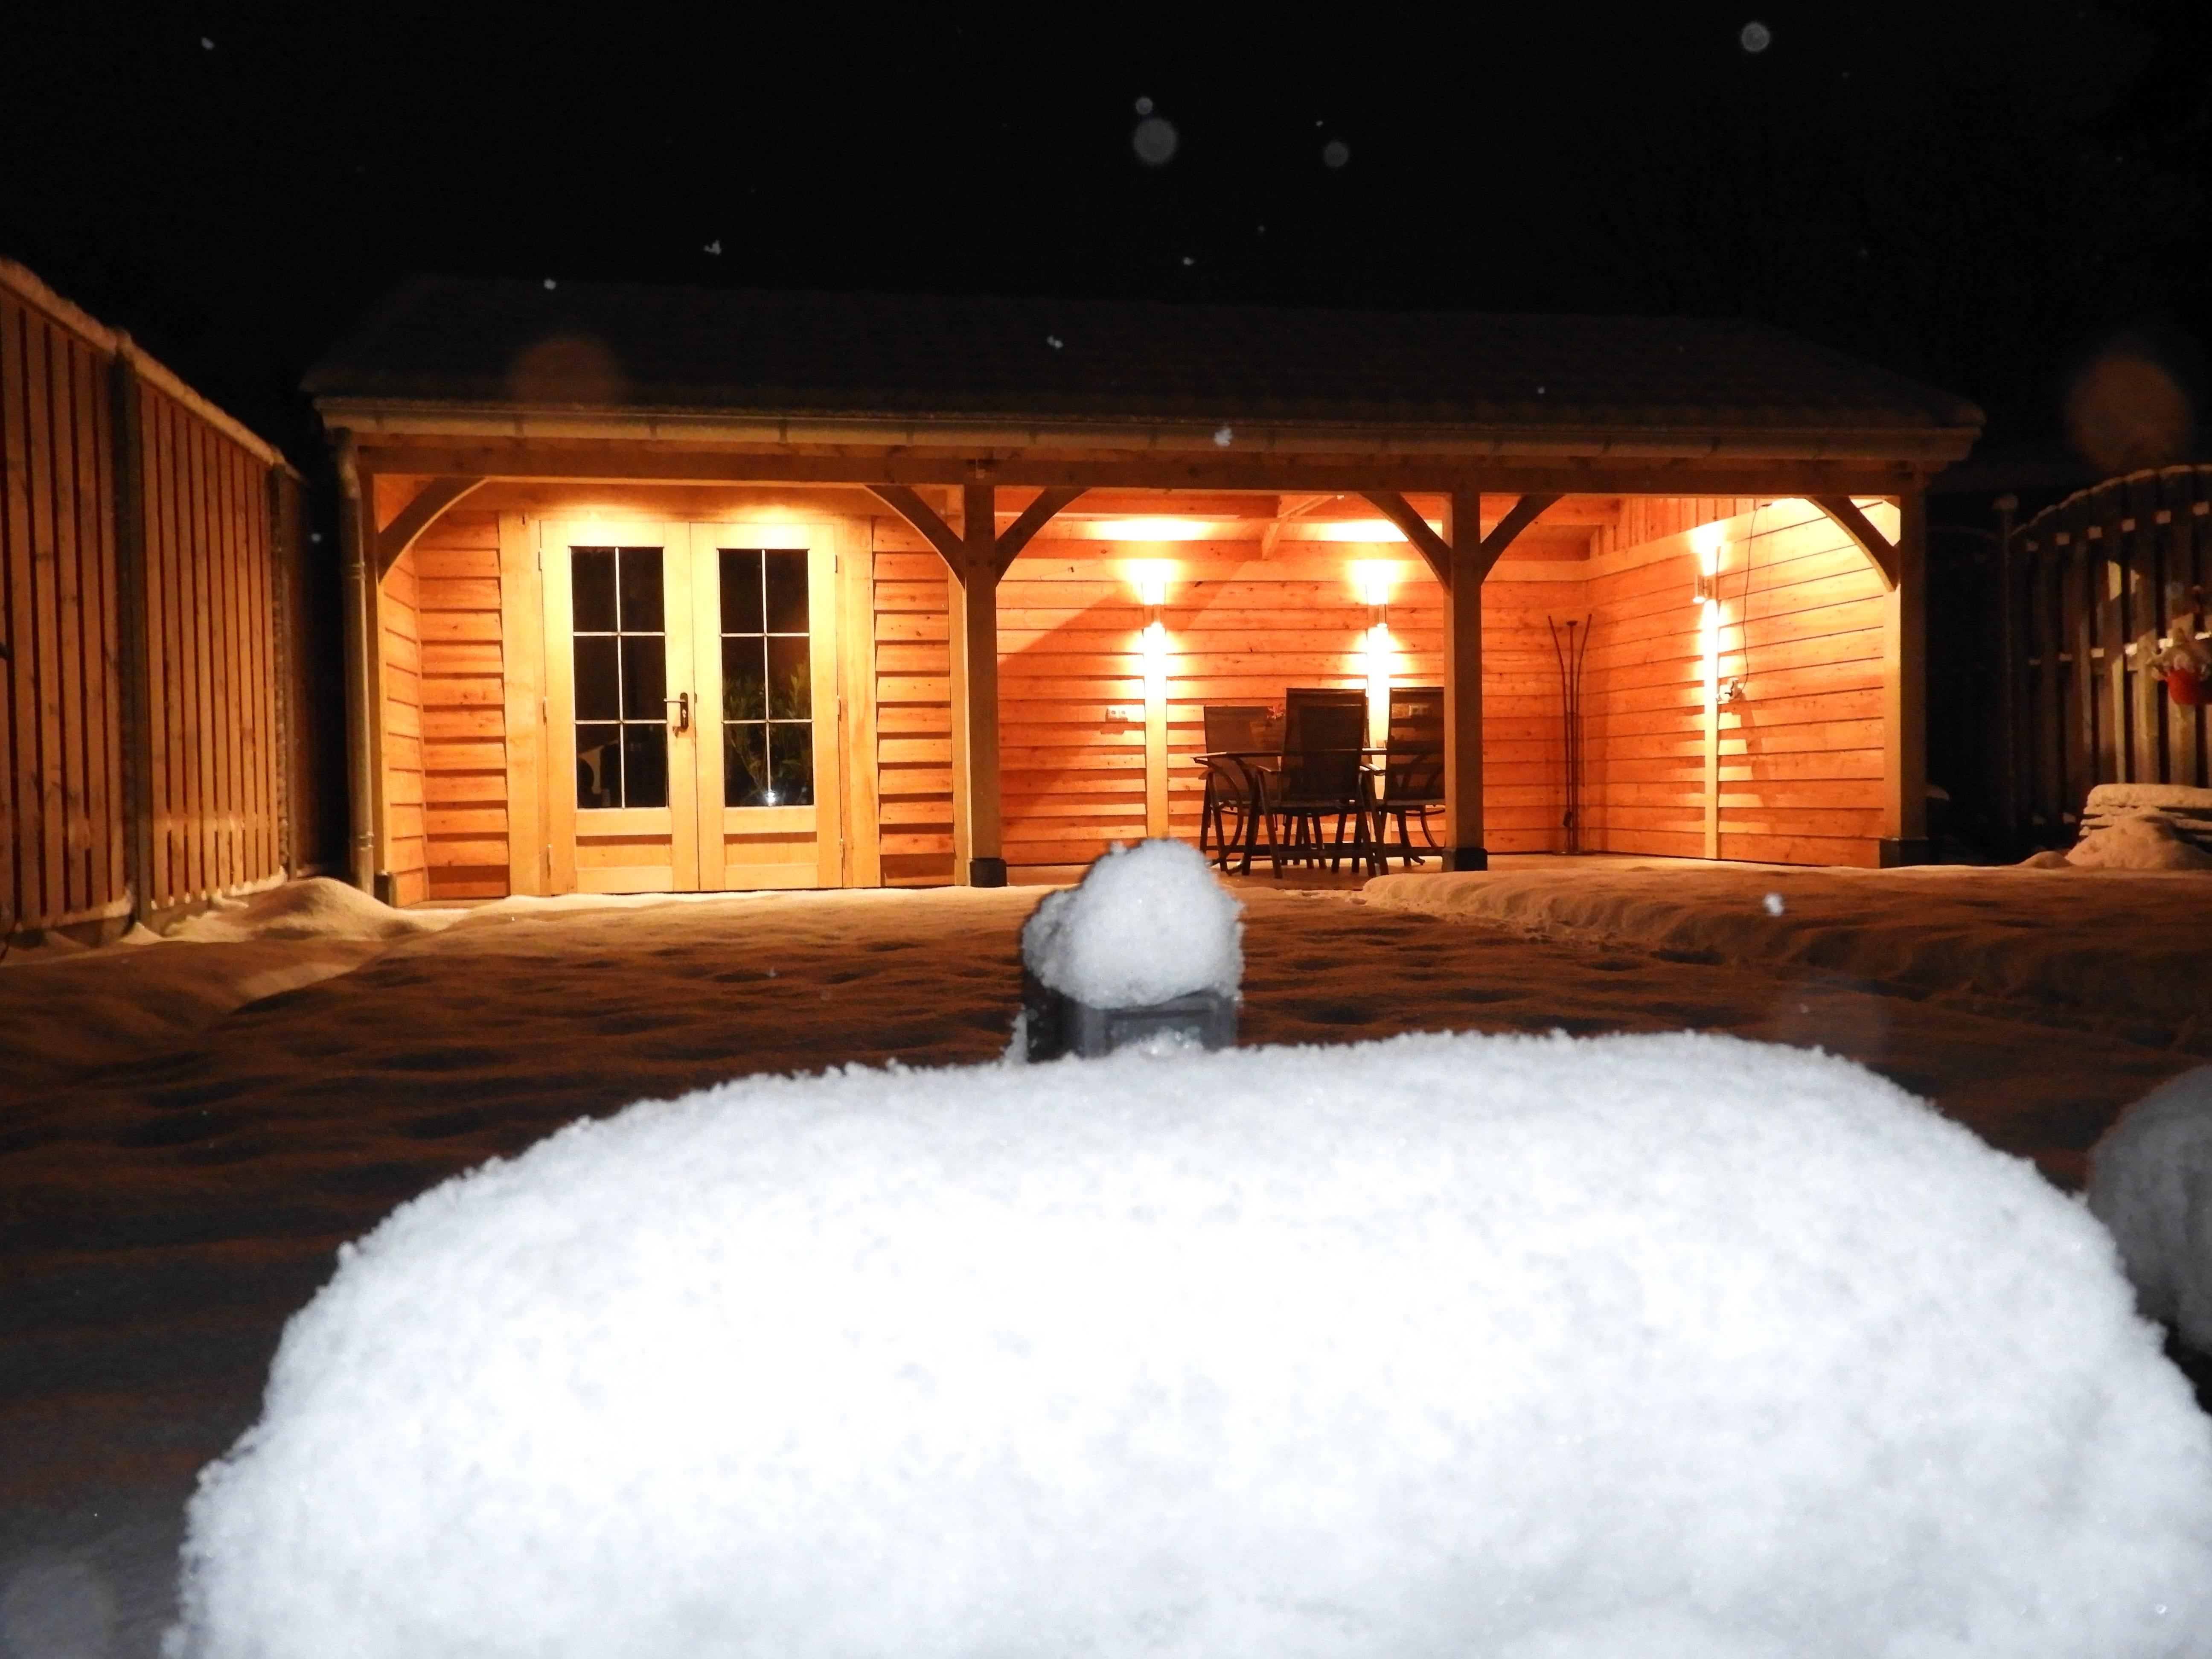 houten-tuinhuis-met-veranda-10-min - Project: Tuinhuis in winterse sfeer